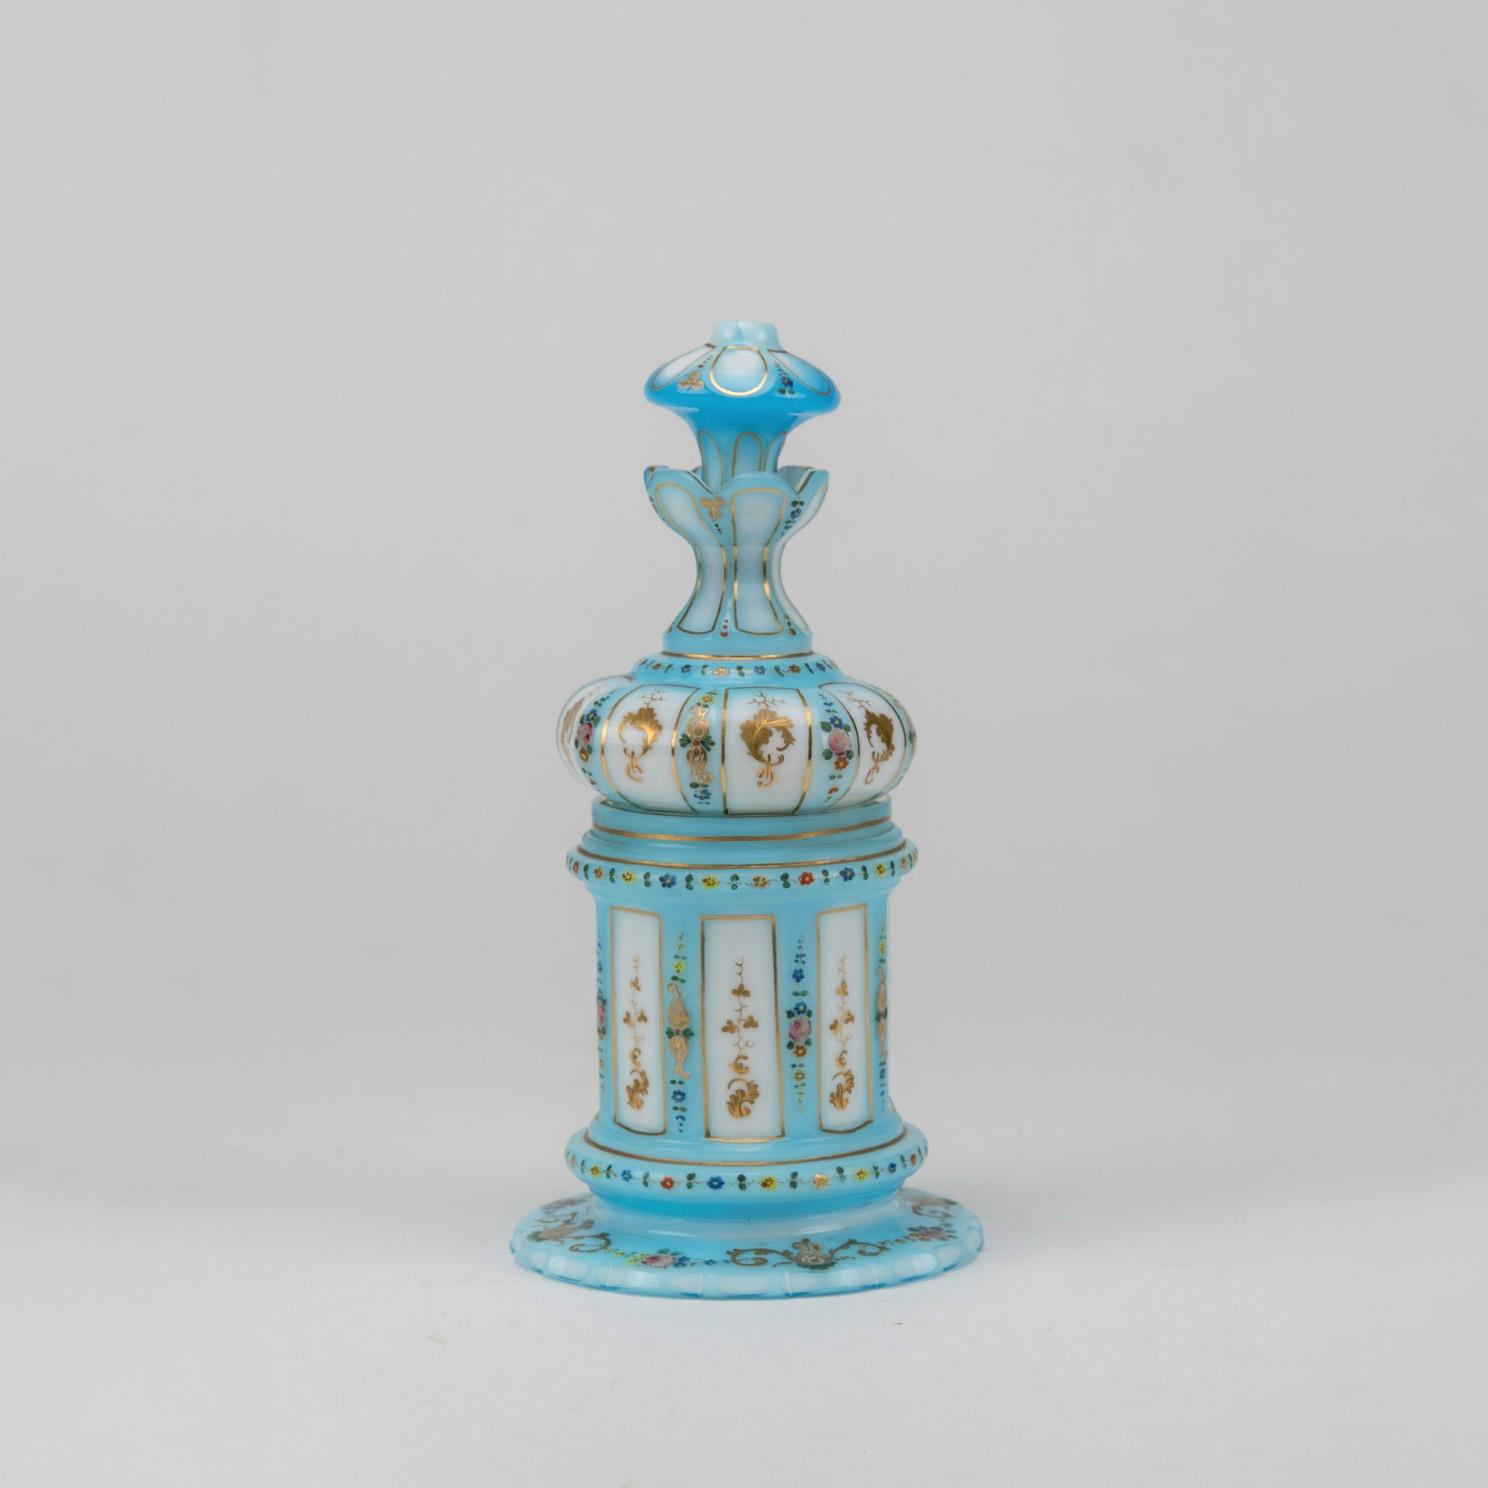 372€ Flacon d'ornement en opaline overlay, à décor de fleurettes polychromes et feuillage doré, milieu du XIXesiècle, h.21,5cm.Lyon, 3